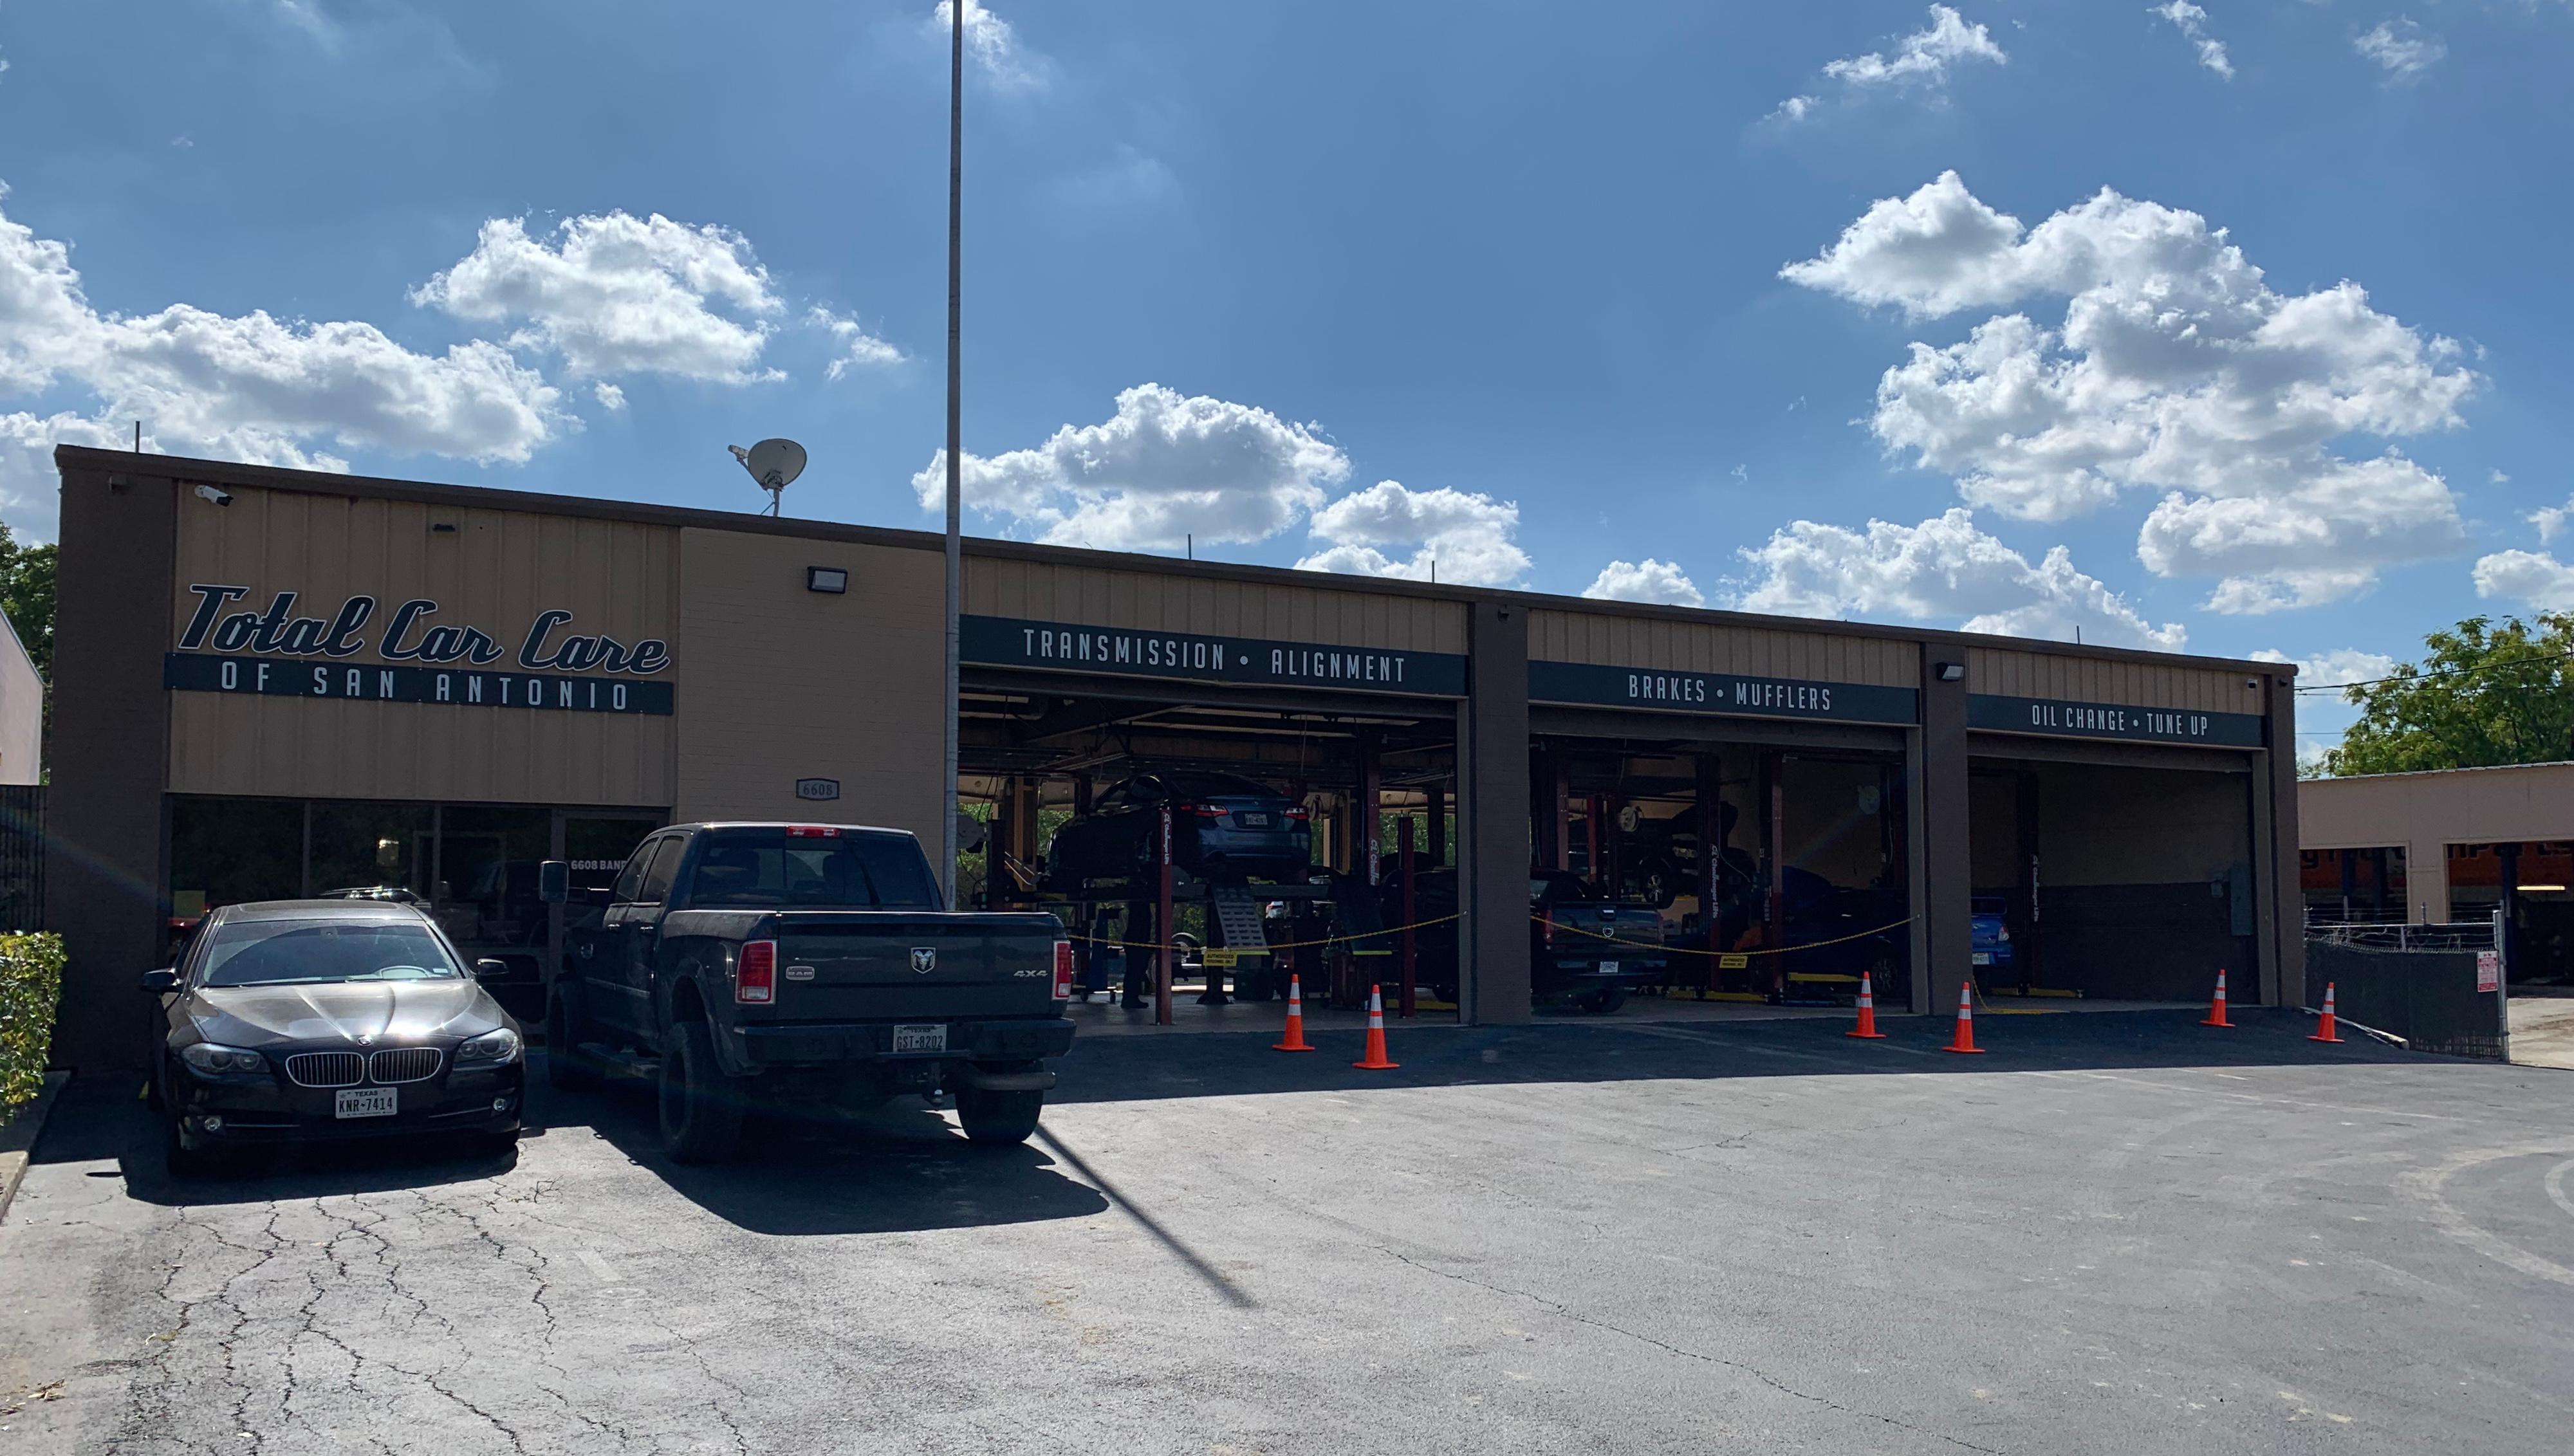 Total Car Care of San Antonio